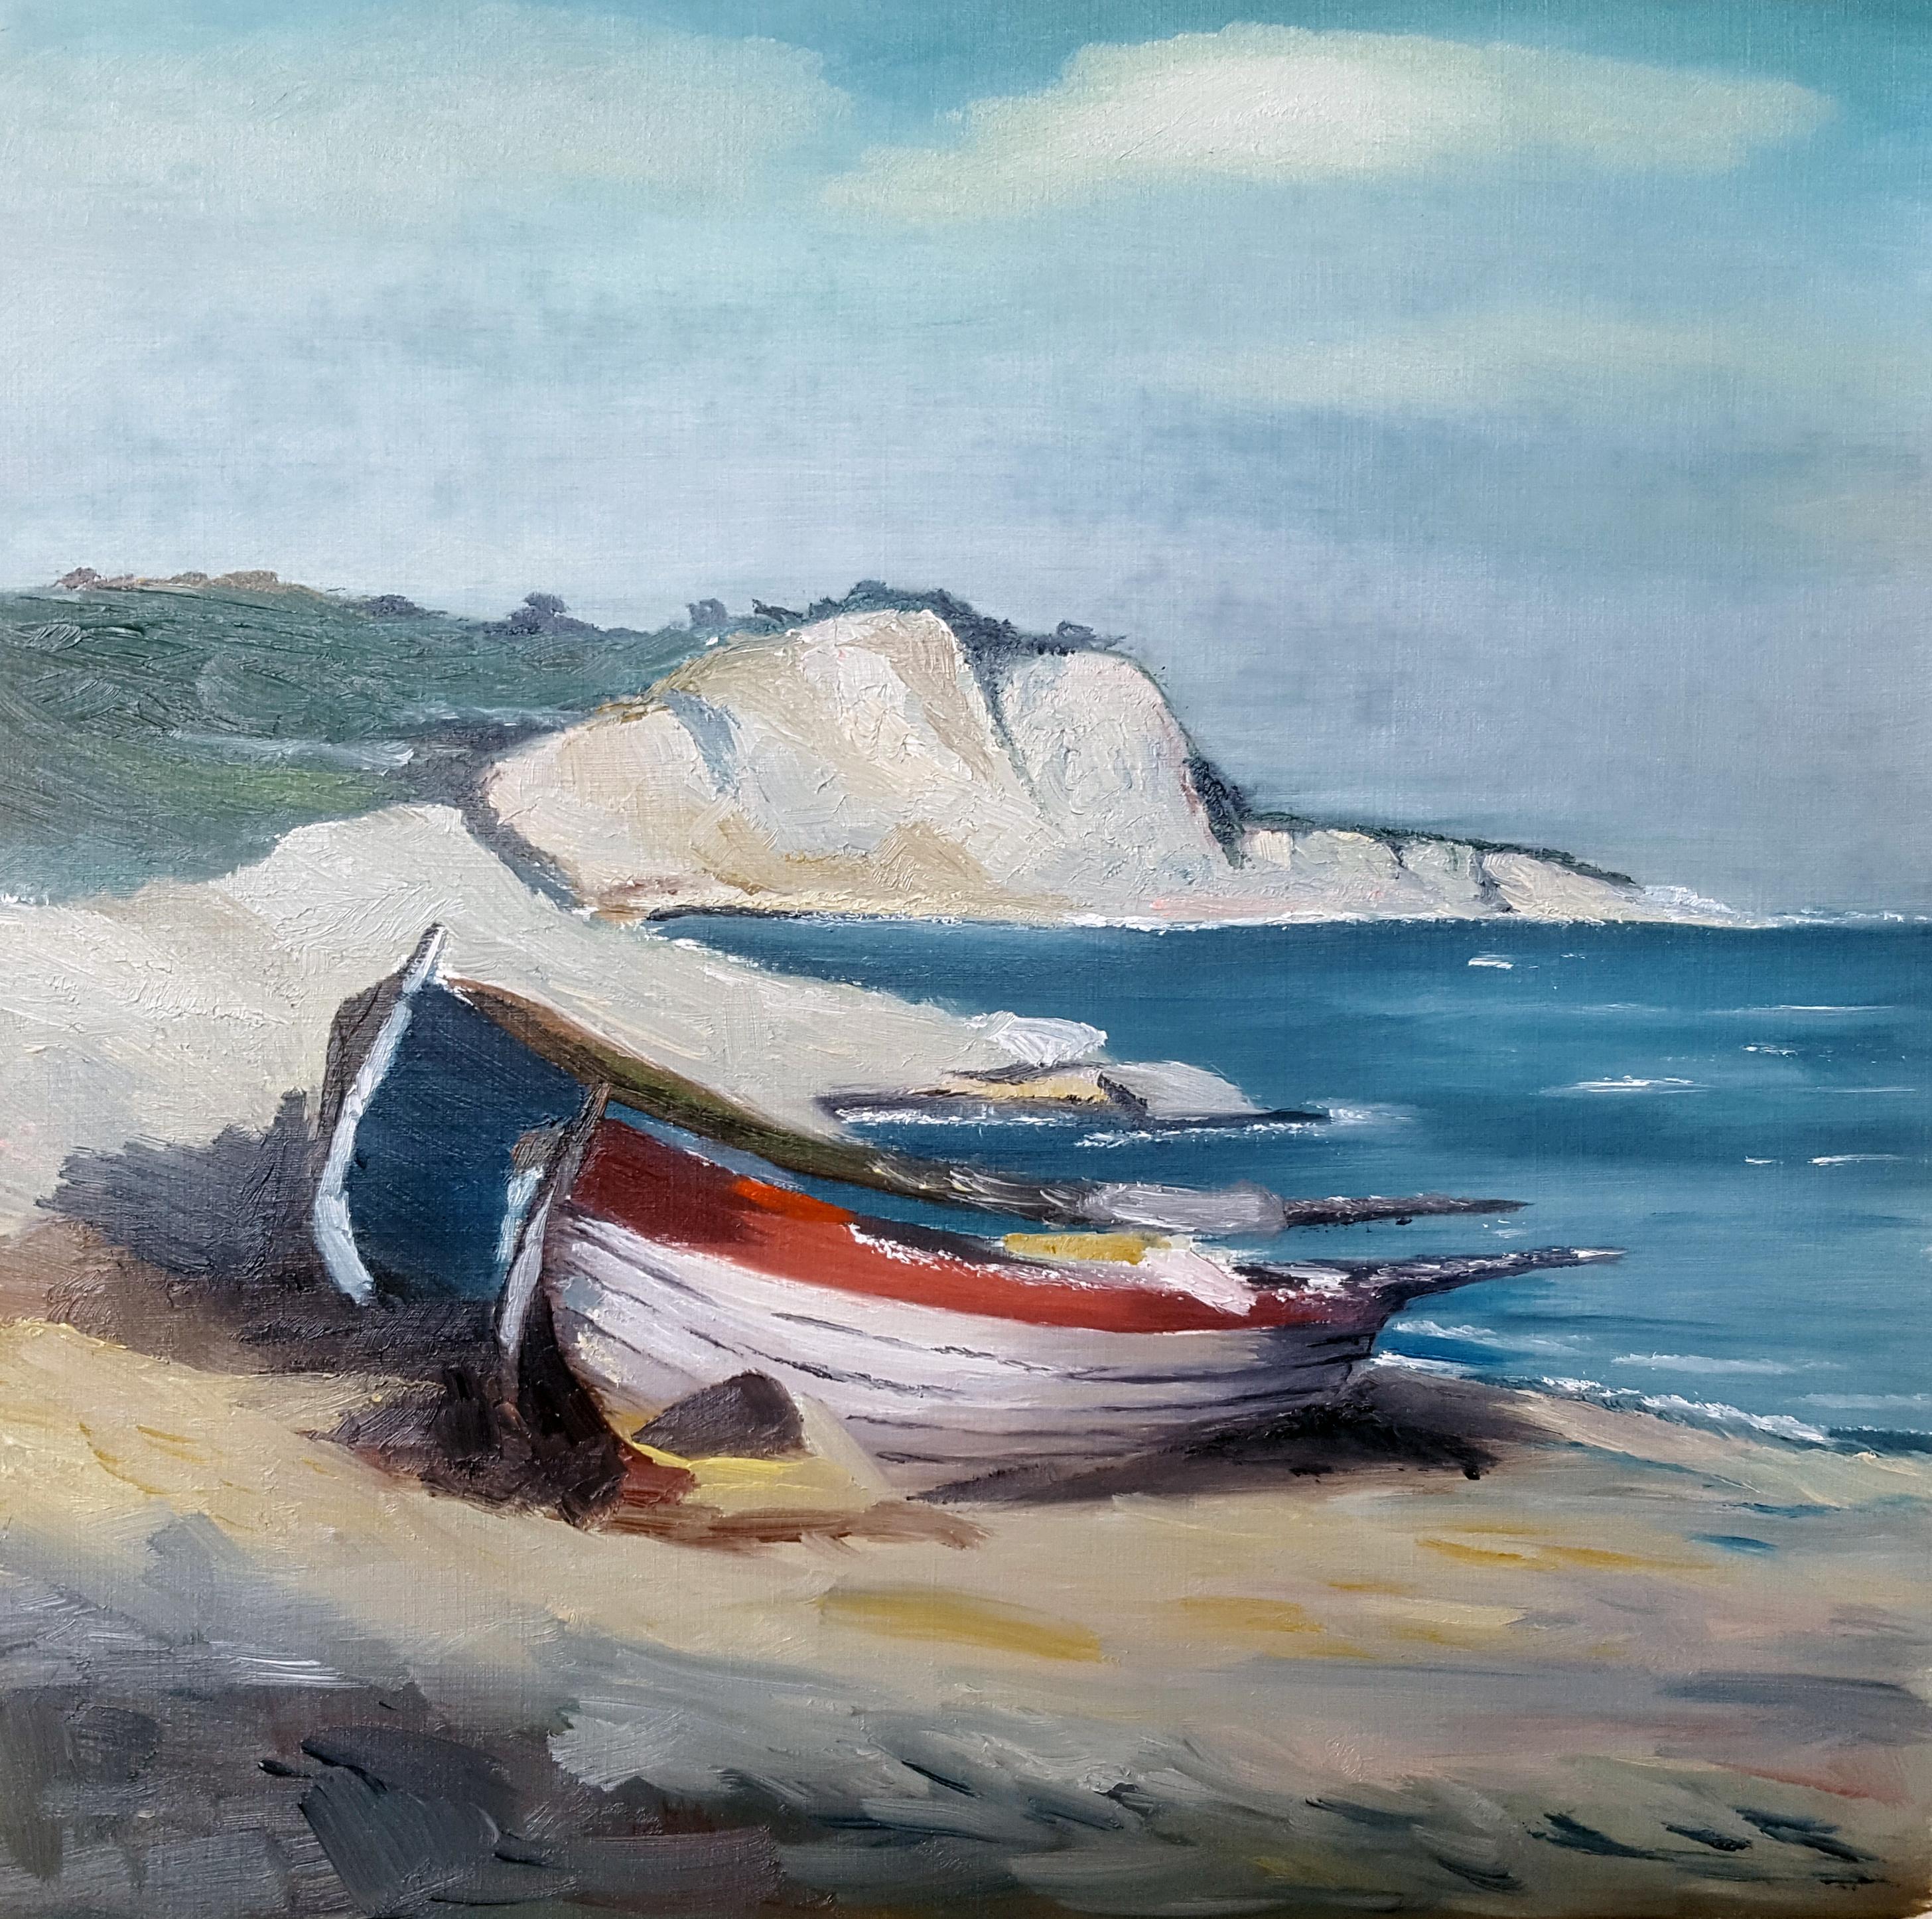 Ecole Rb Arts Cours Intensif De Dessin Et Peinture Grasse 06520 Spectable